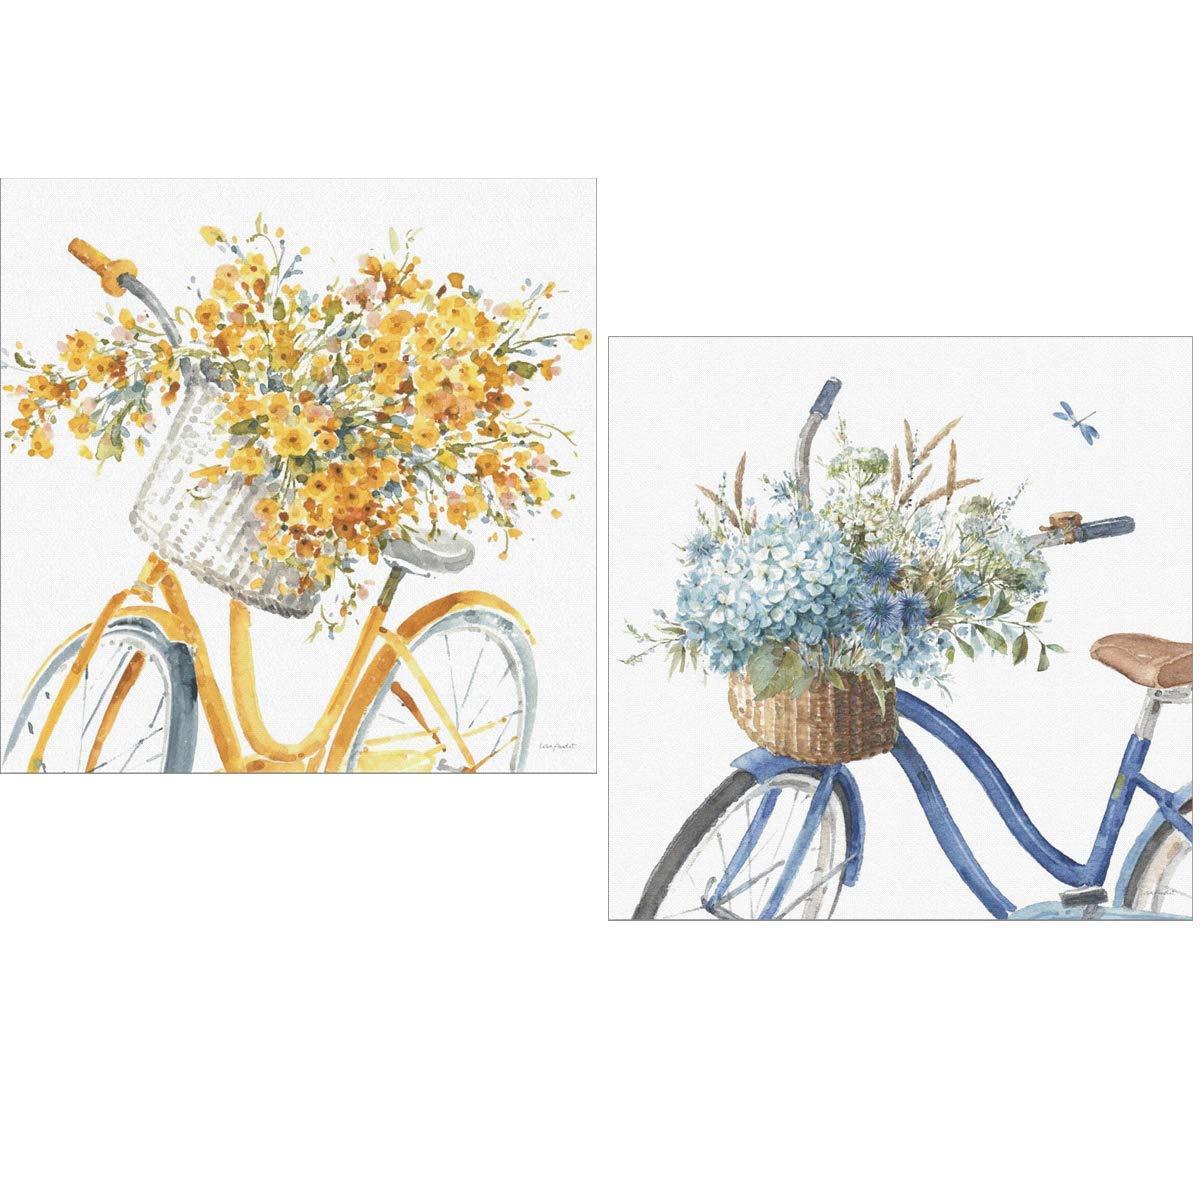 Cuadros decoración bicicletas vintage Amarillo Azul para decorar baño comedor dormitorio cocina office 24x24x7 impermeable con polímero plástico y adhesivo doble cara AJT fort para colgar.